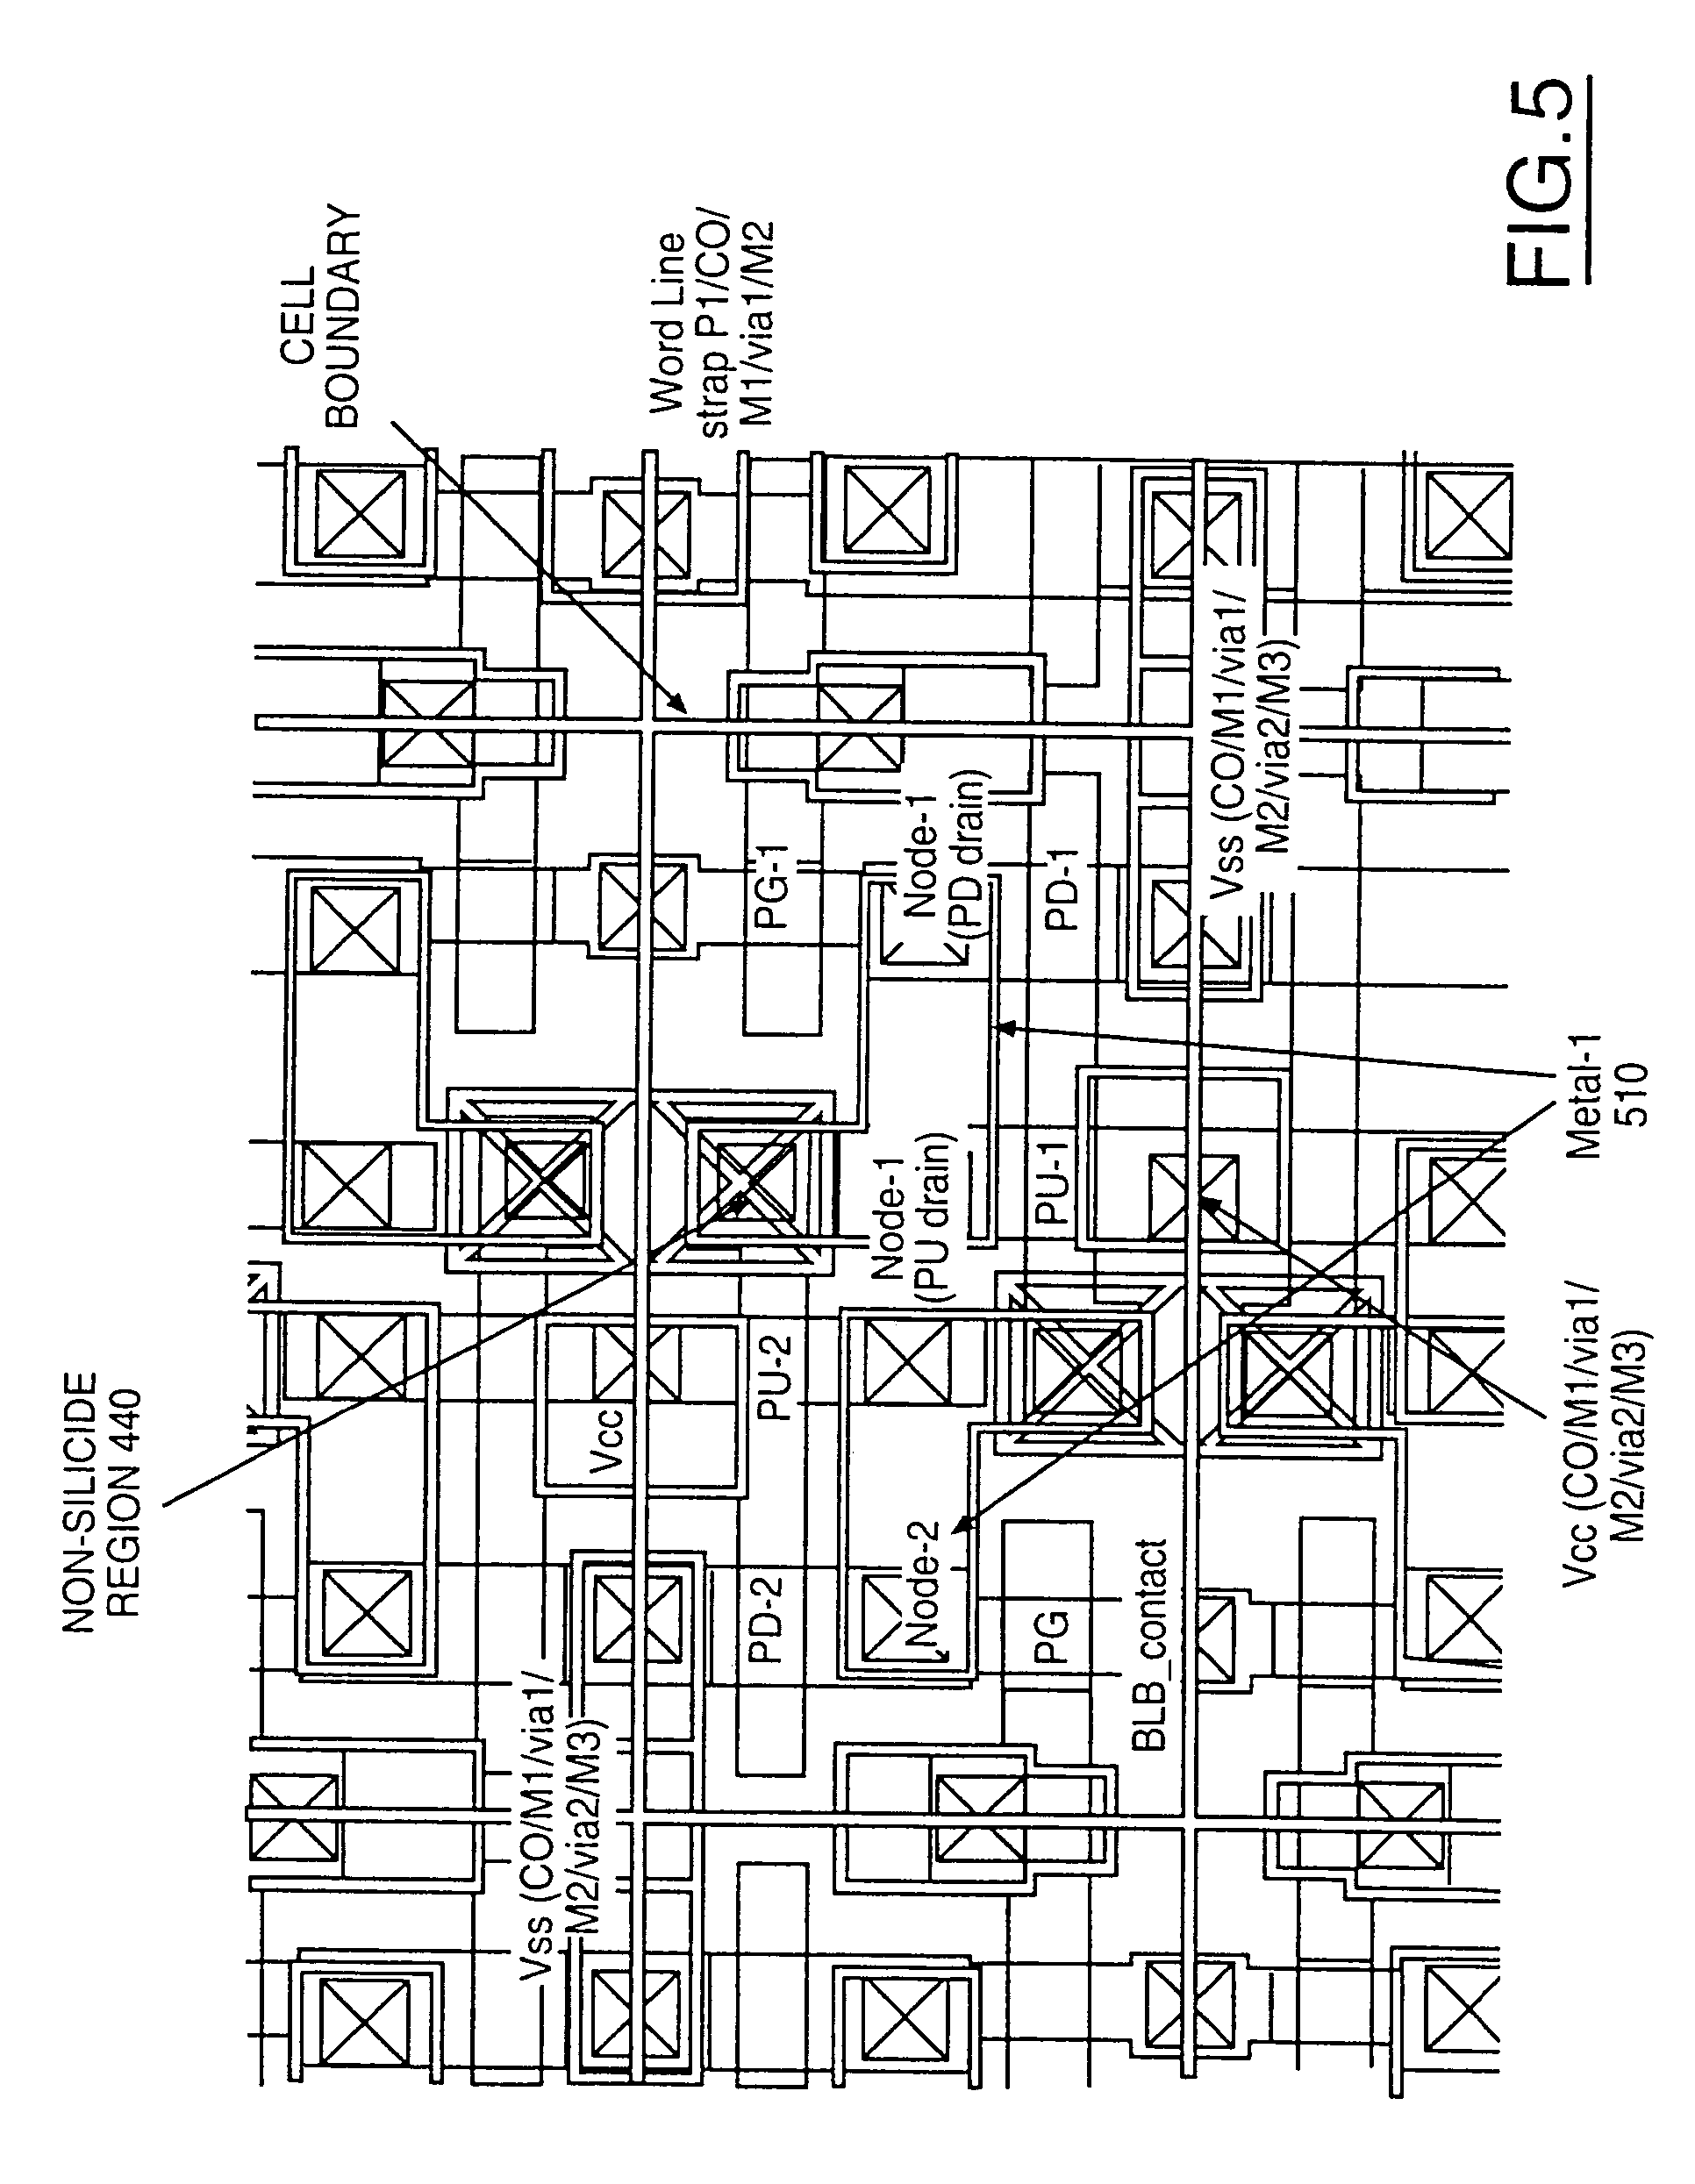 peugeot 106 wiring diagram ohio interior design of office, Wiring diagram